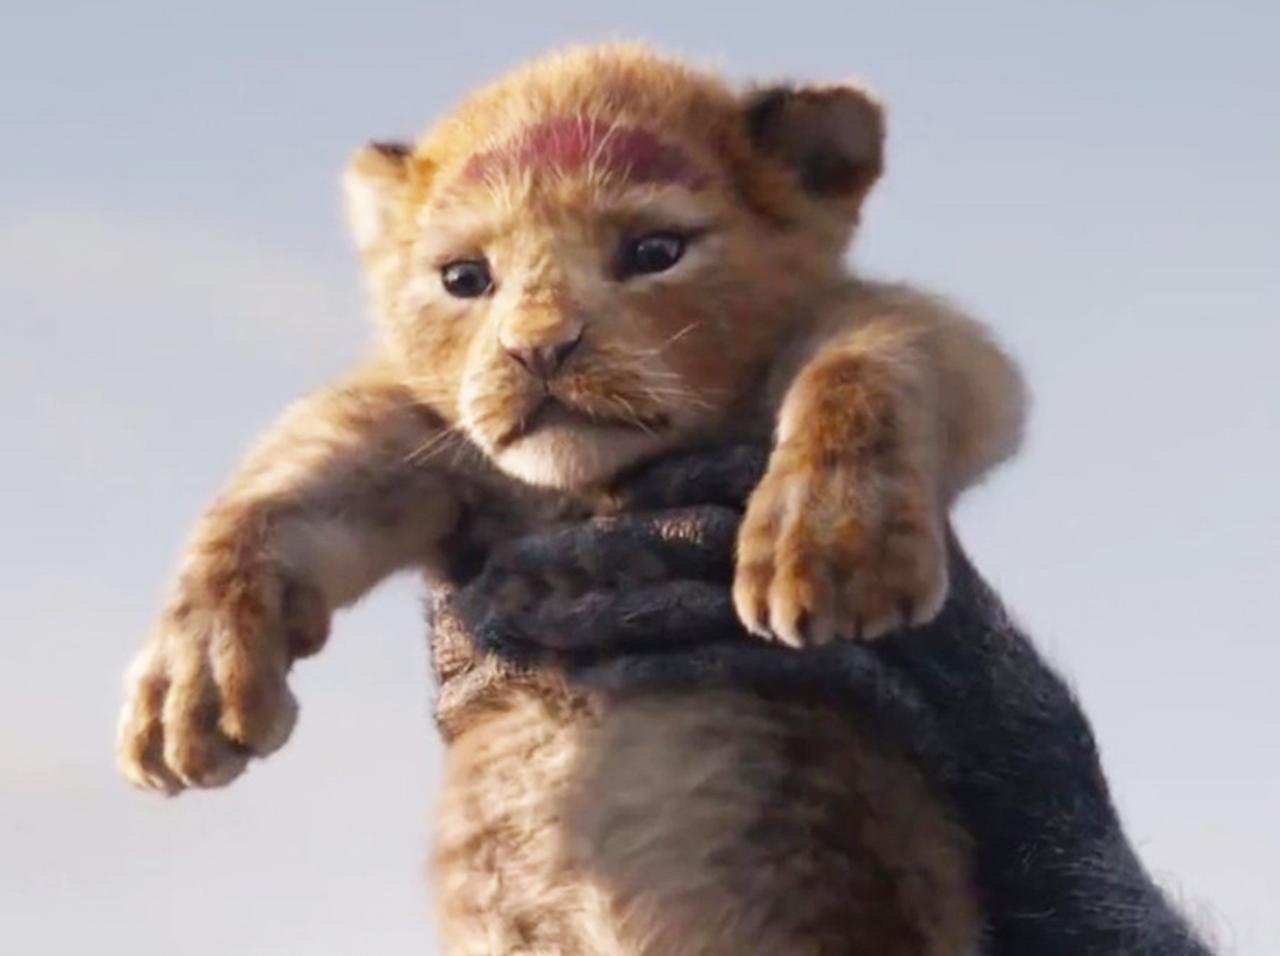 実写版『ライオン・キング』の予告編が公開!シンバの「モフモフの毛並み」に感動